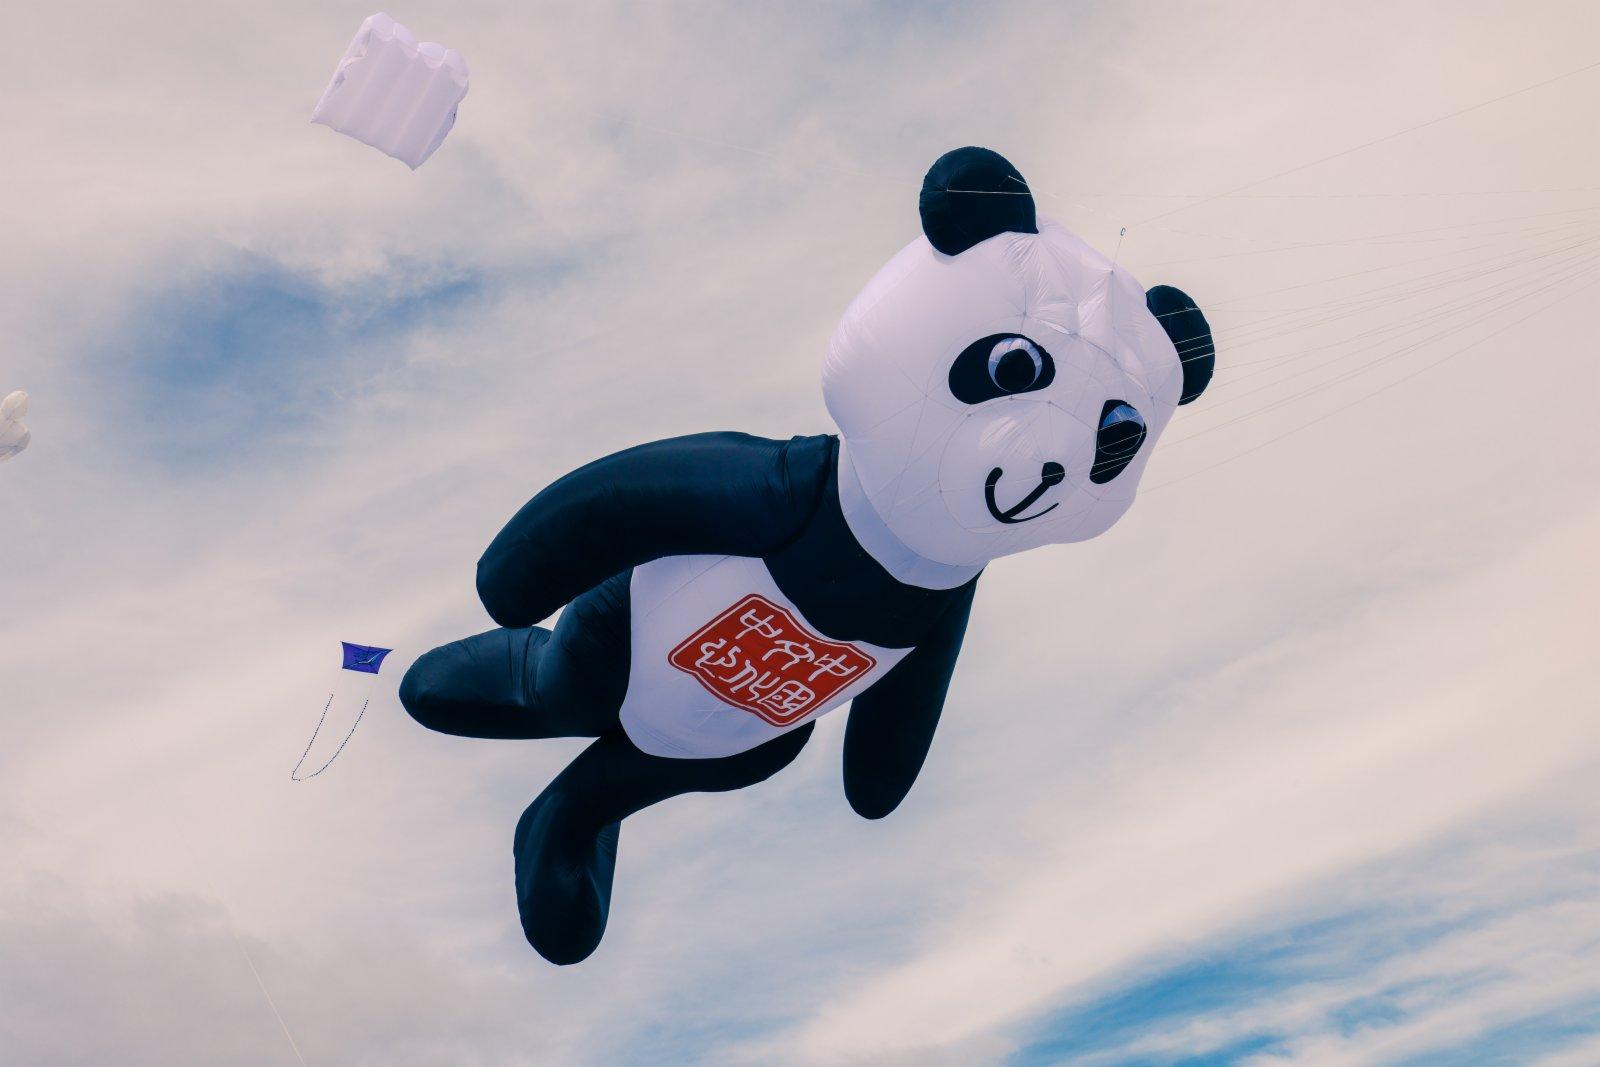 這是2月6日在新西蘭惠靈頓北部小鎮奧塔基海灘上拍攝的大熊貓形象風箏。該風箏由惠靈頓中國文化中心推出。